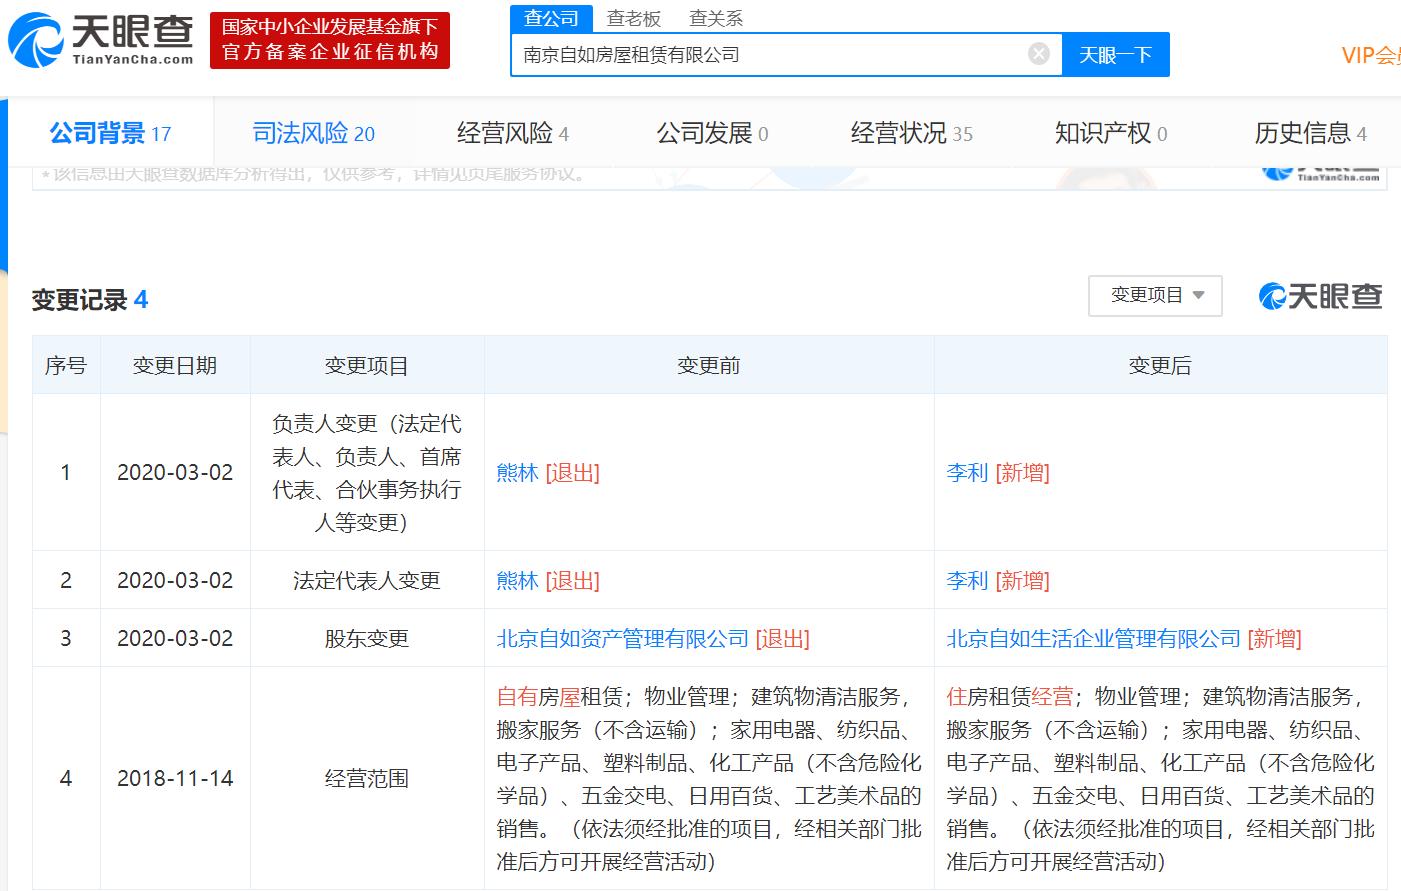 南京自如发生工商变更 熊林卸任法定代表人